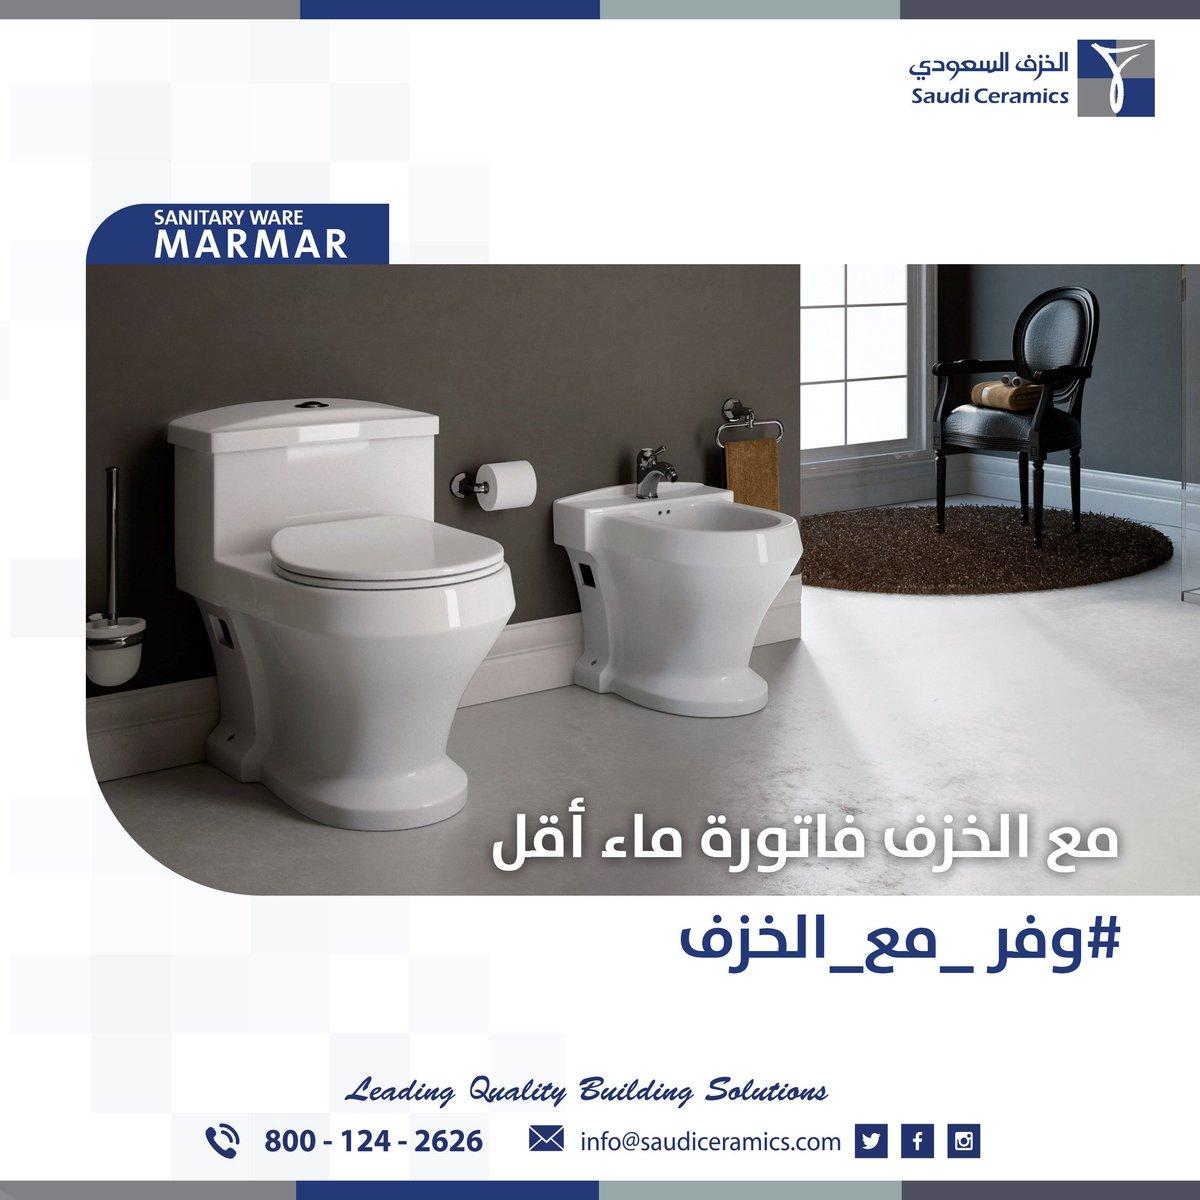 الخزف السعودي V Twitter صباح الخير معرض الخبر على طريق الملك خالد ٠١٣٨٩٦٢٦٤٤